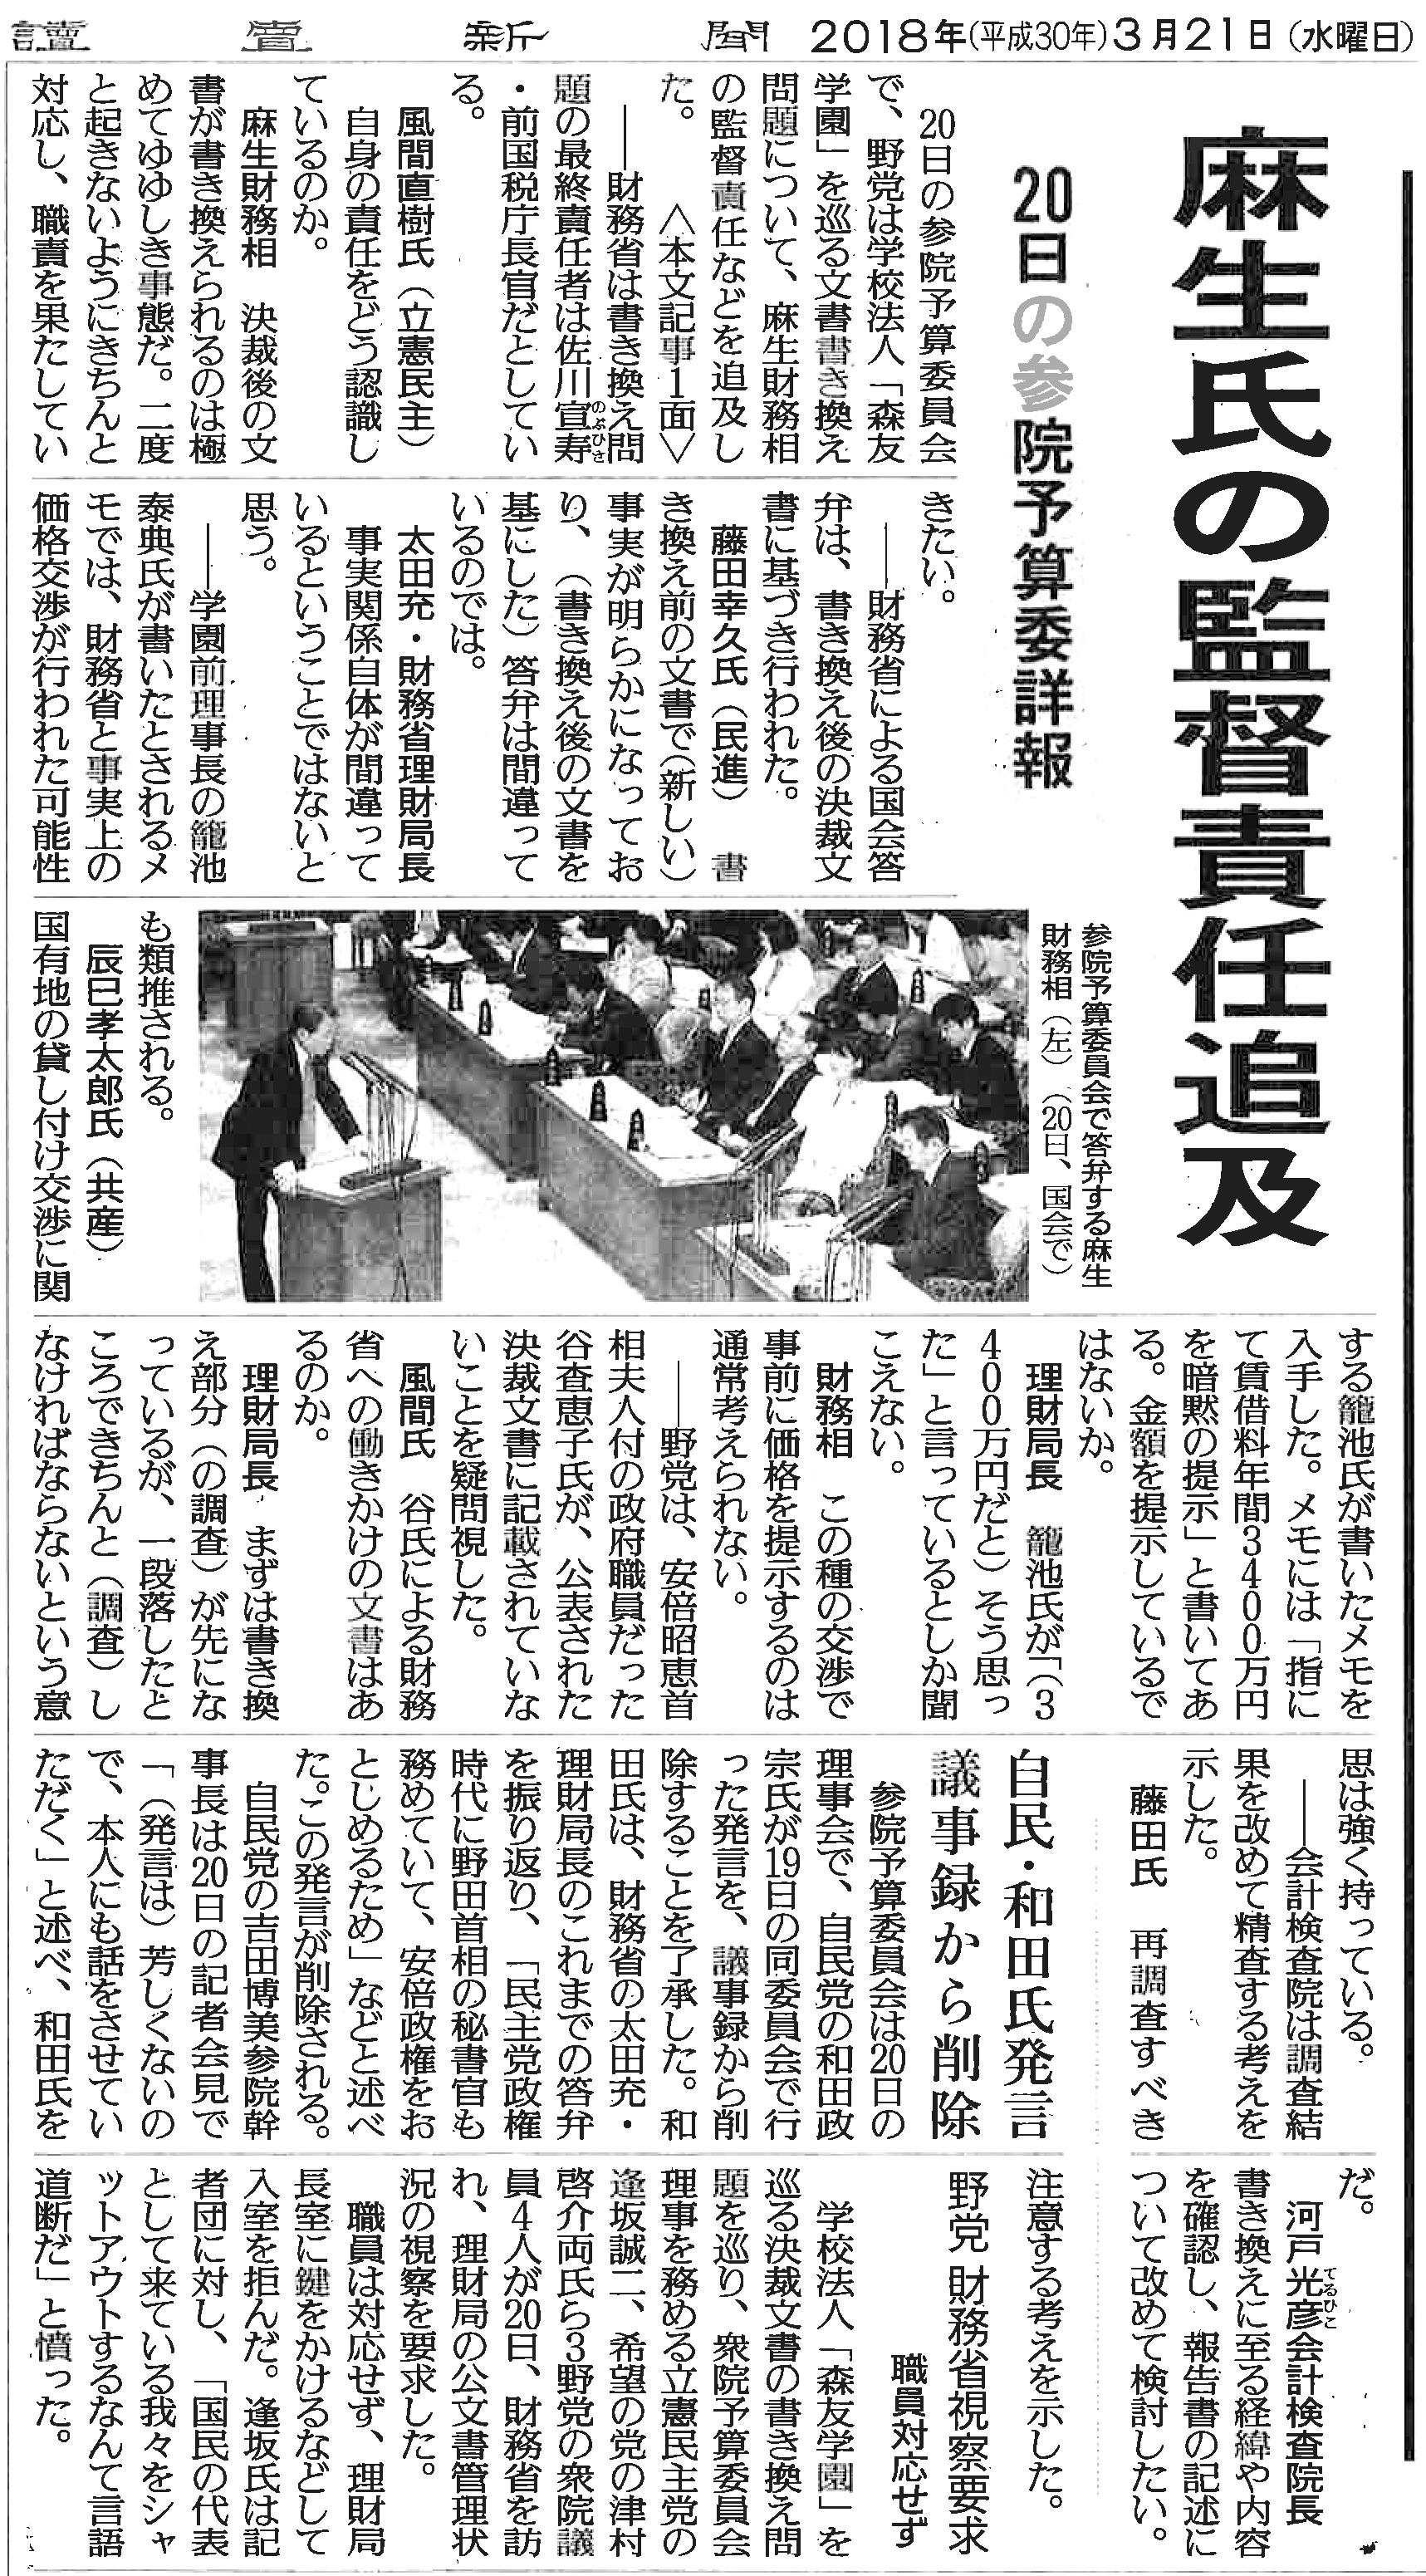 【読売新聞】麻生氏の監督責任追及 20日の参院予算委詳報